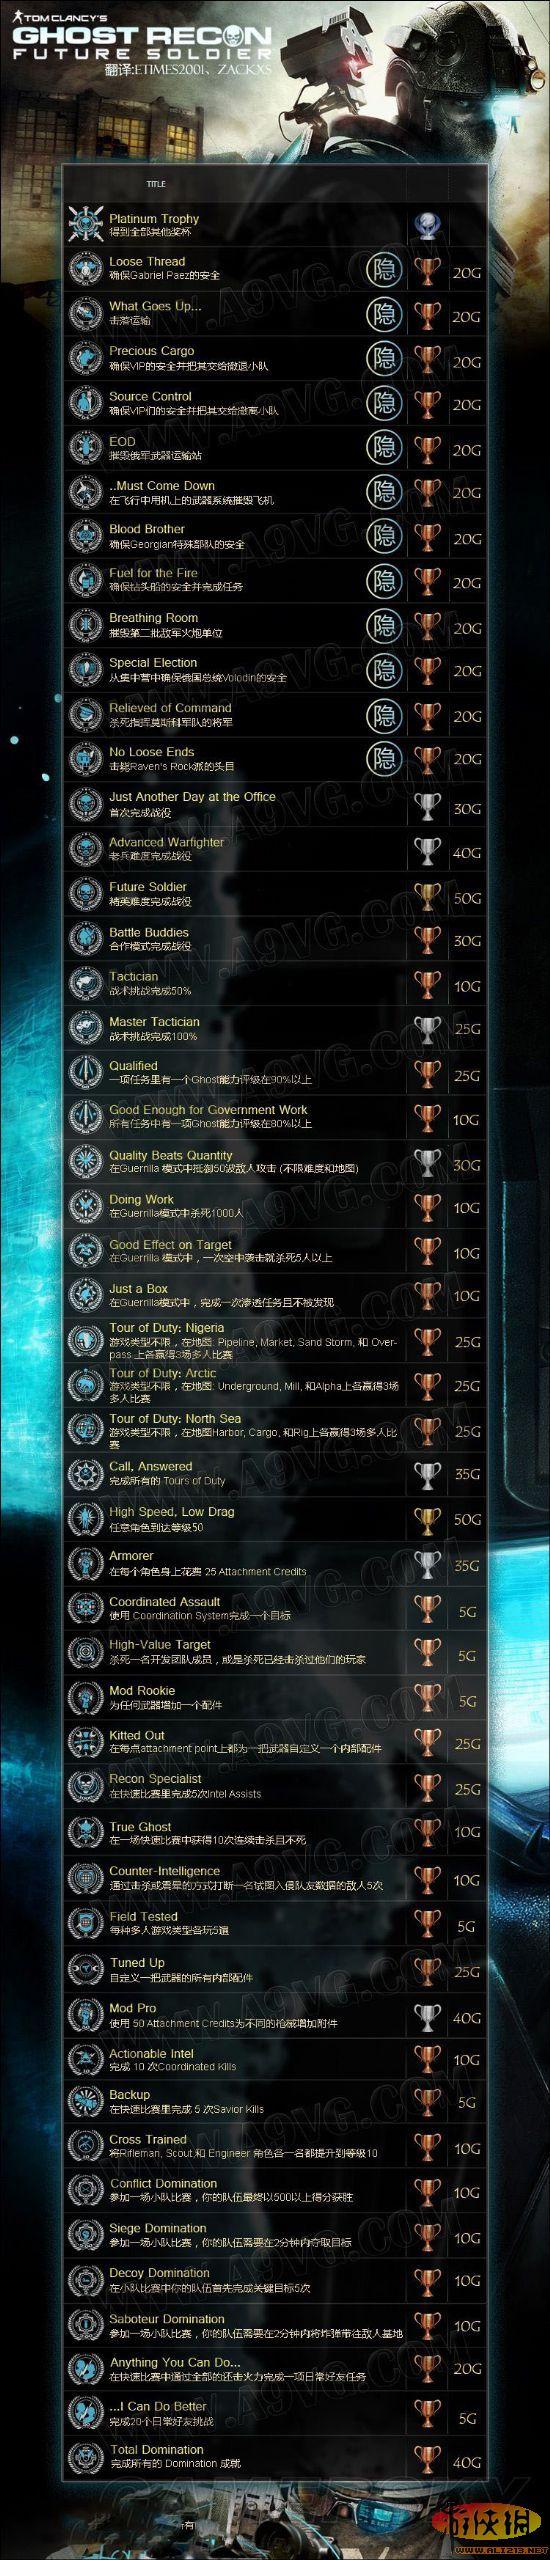 幽灵行动4:未来战士奖杯、成就翻译